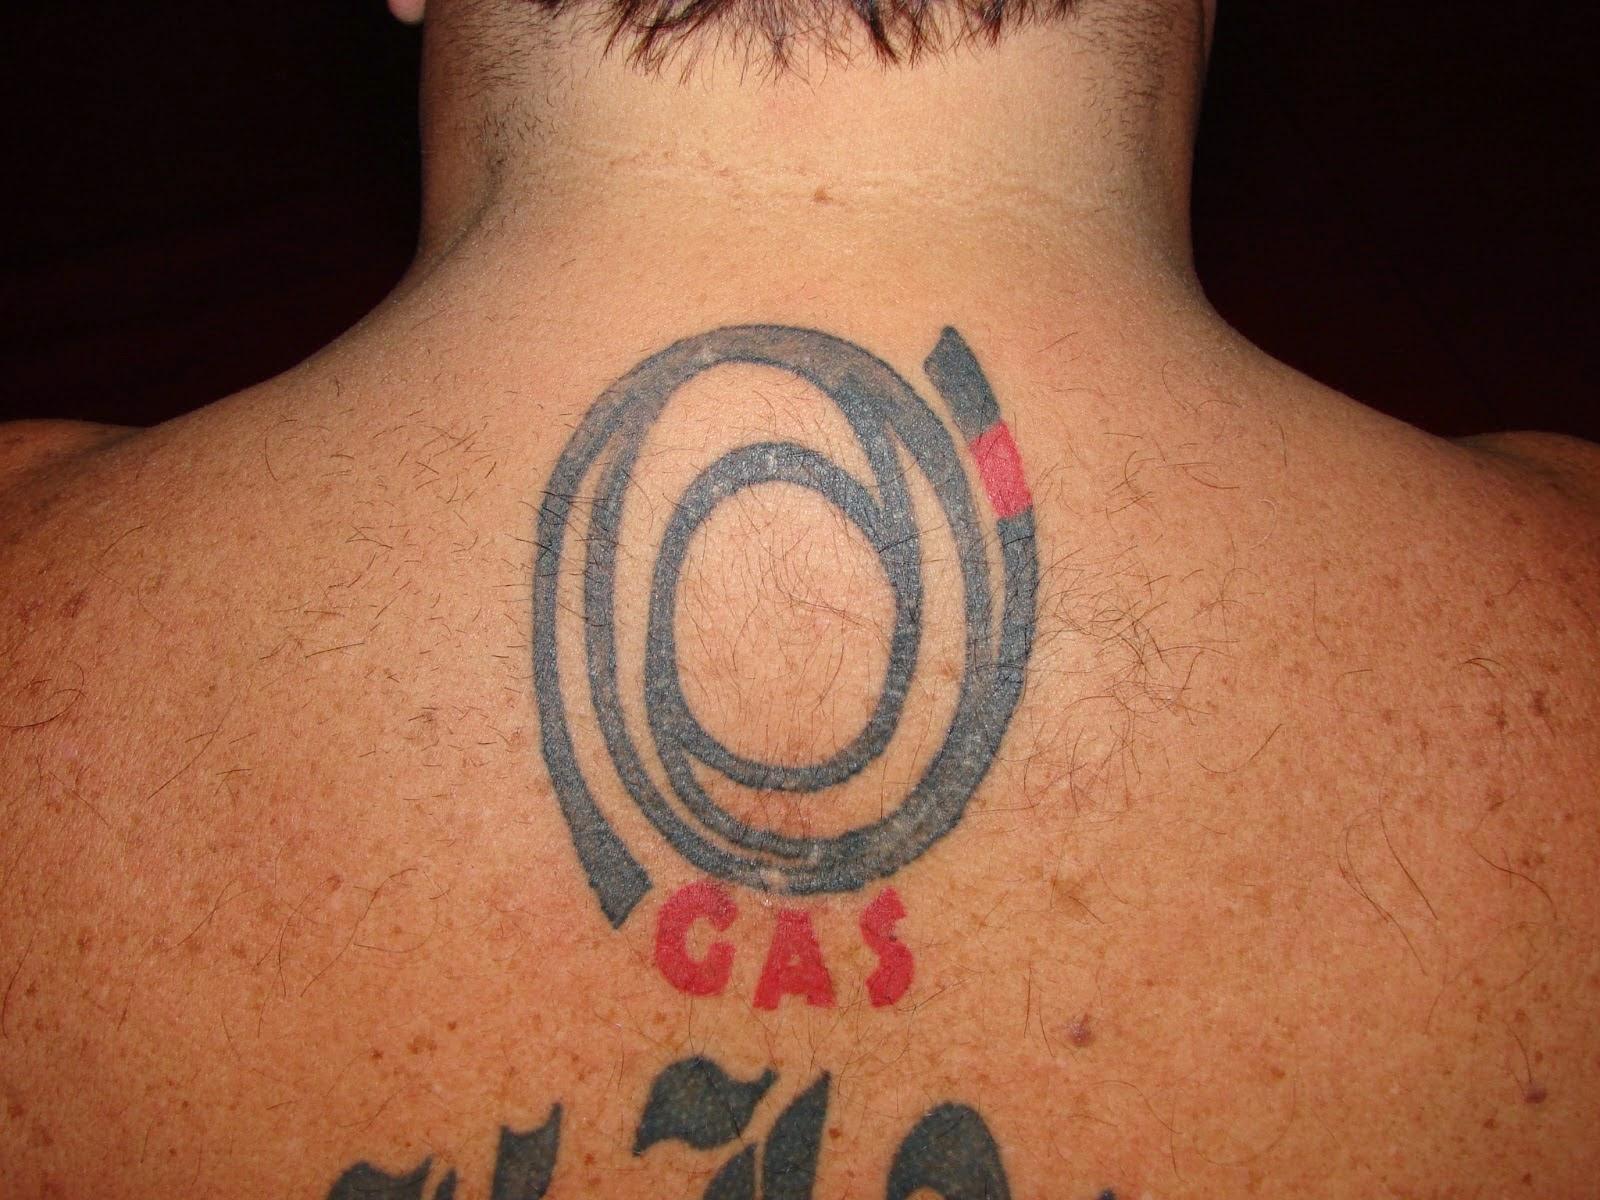 tatuagem-jiu-jitsu--geração-arte-suave